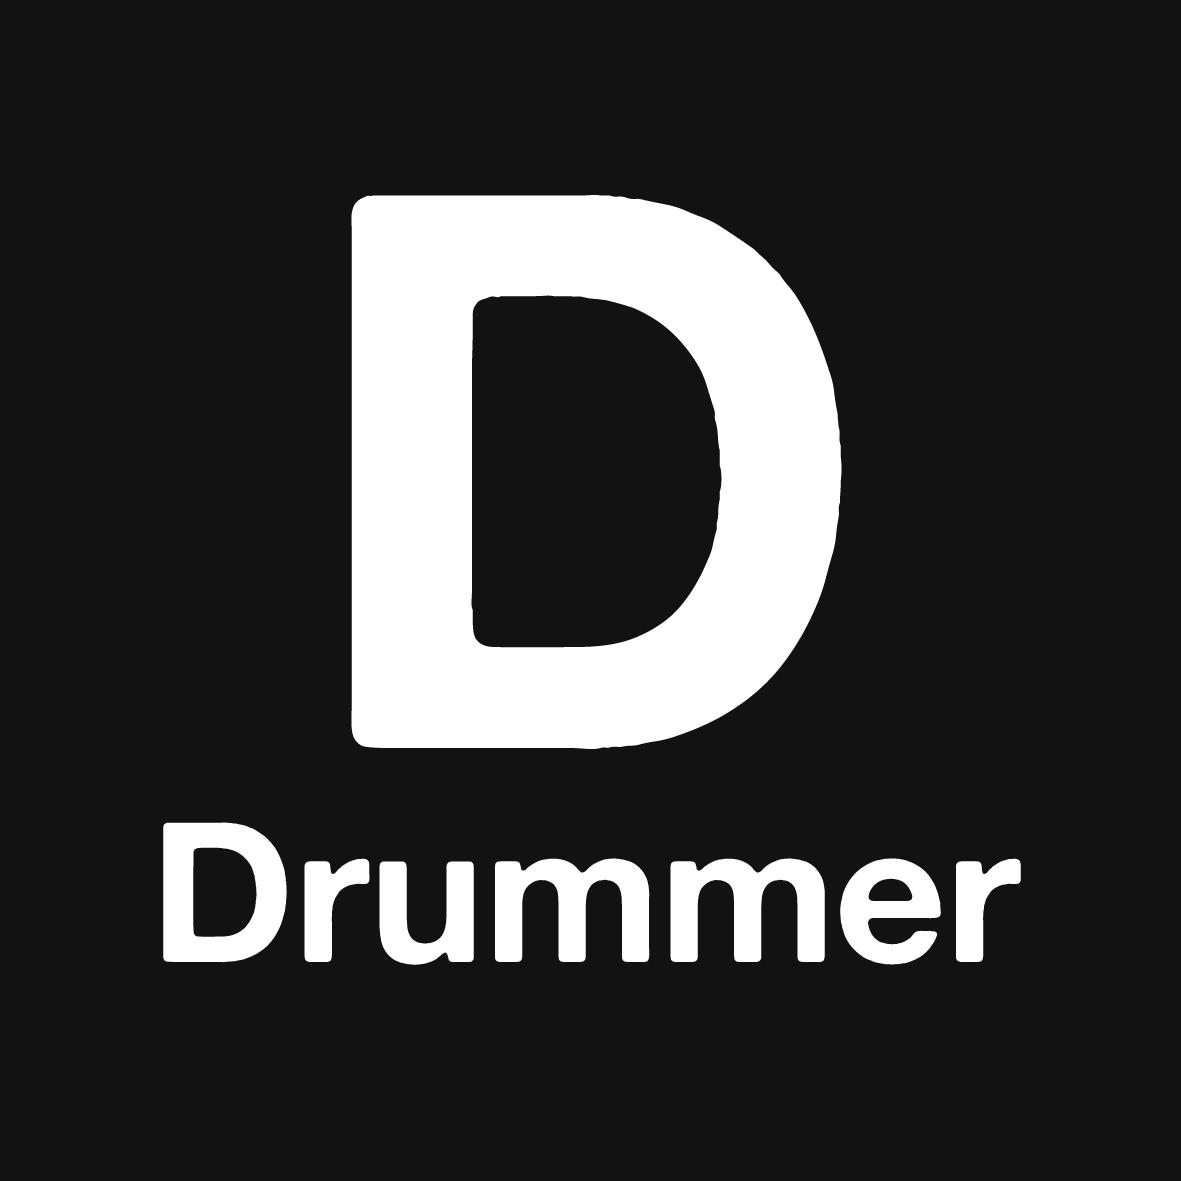 Drummer Logo Black